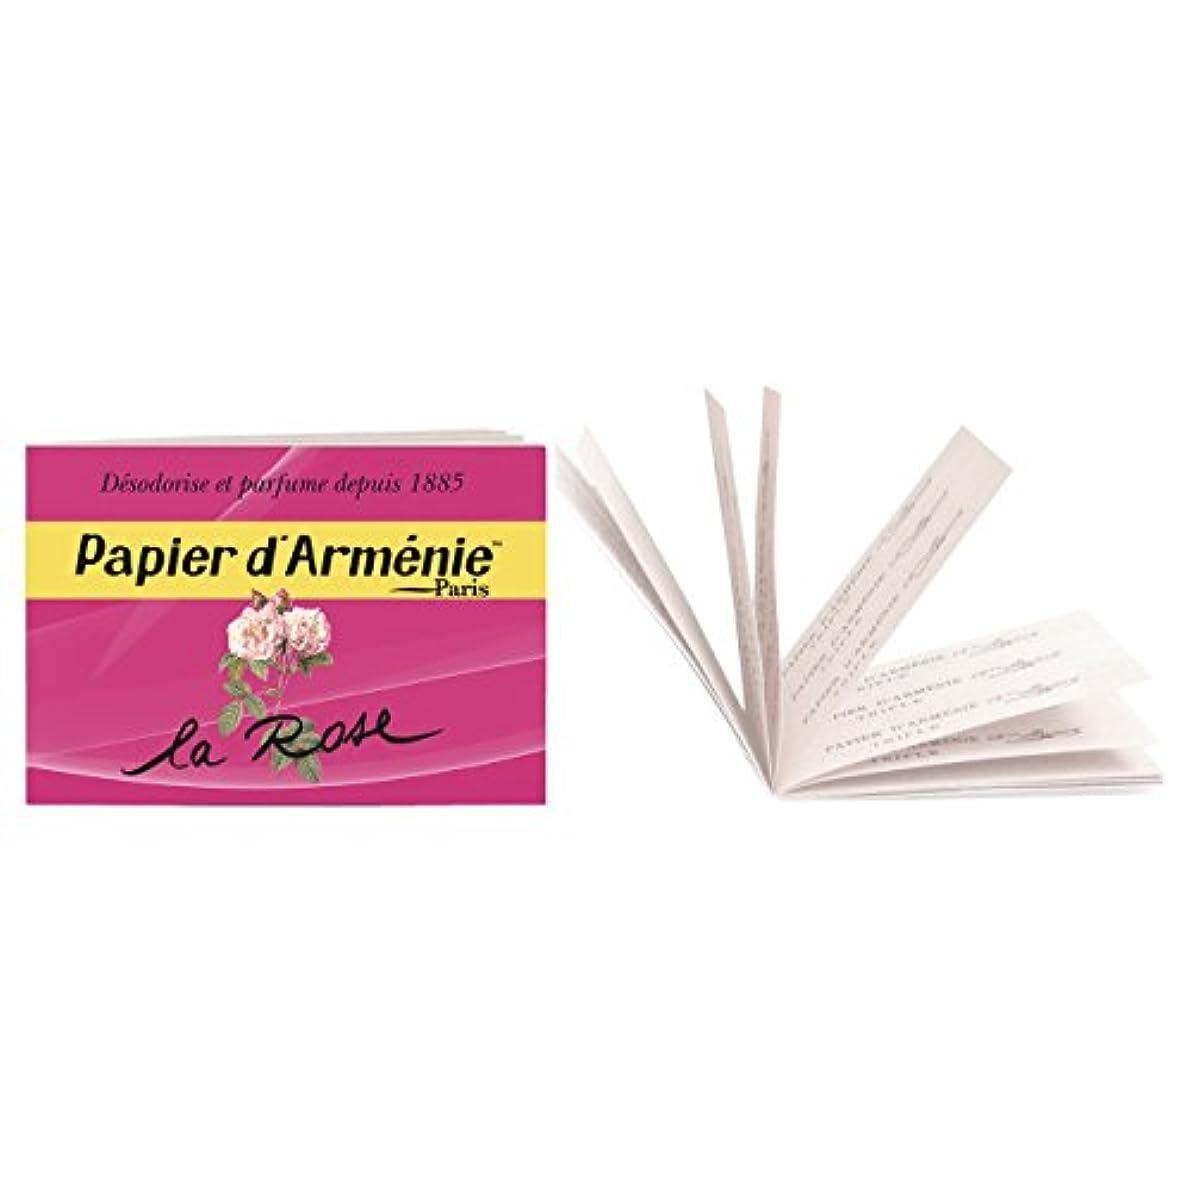 掃く他のバンドで葉を拾うパピエダルメニイ トリプル ローズ (紙のお香 3×12枚/36回分)